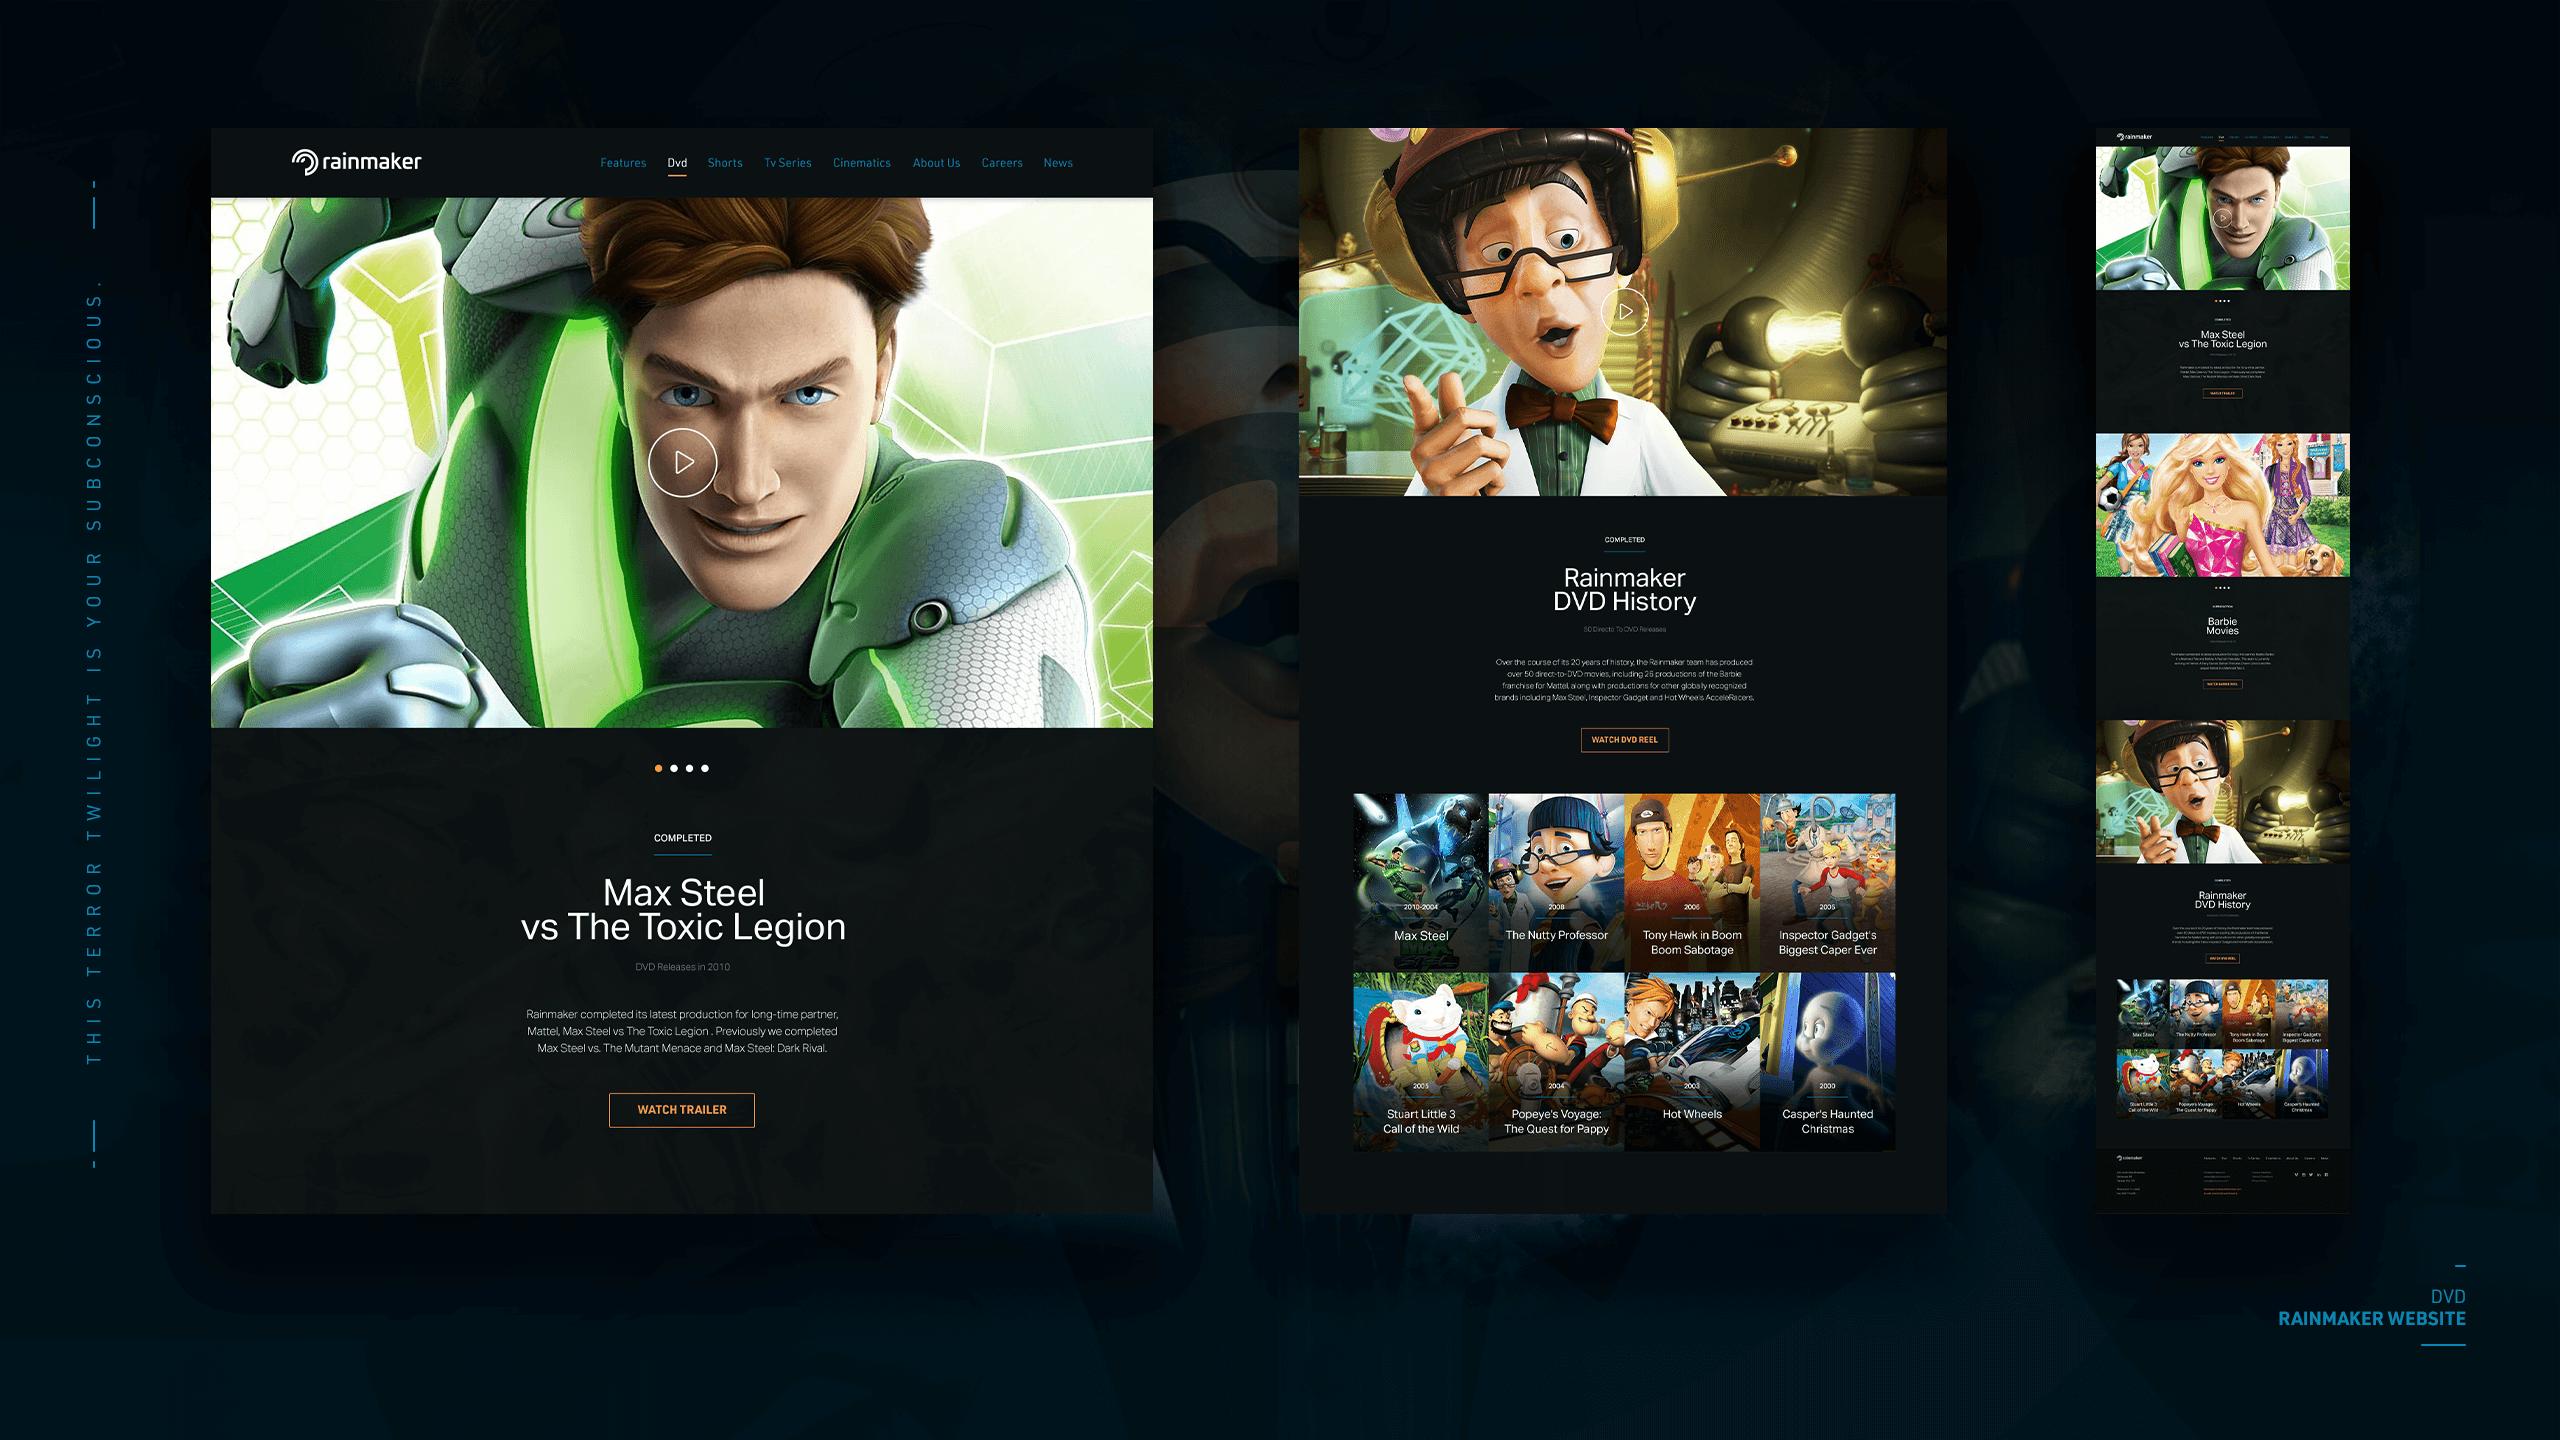 rainmaker-website-desktop-dvd